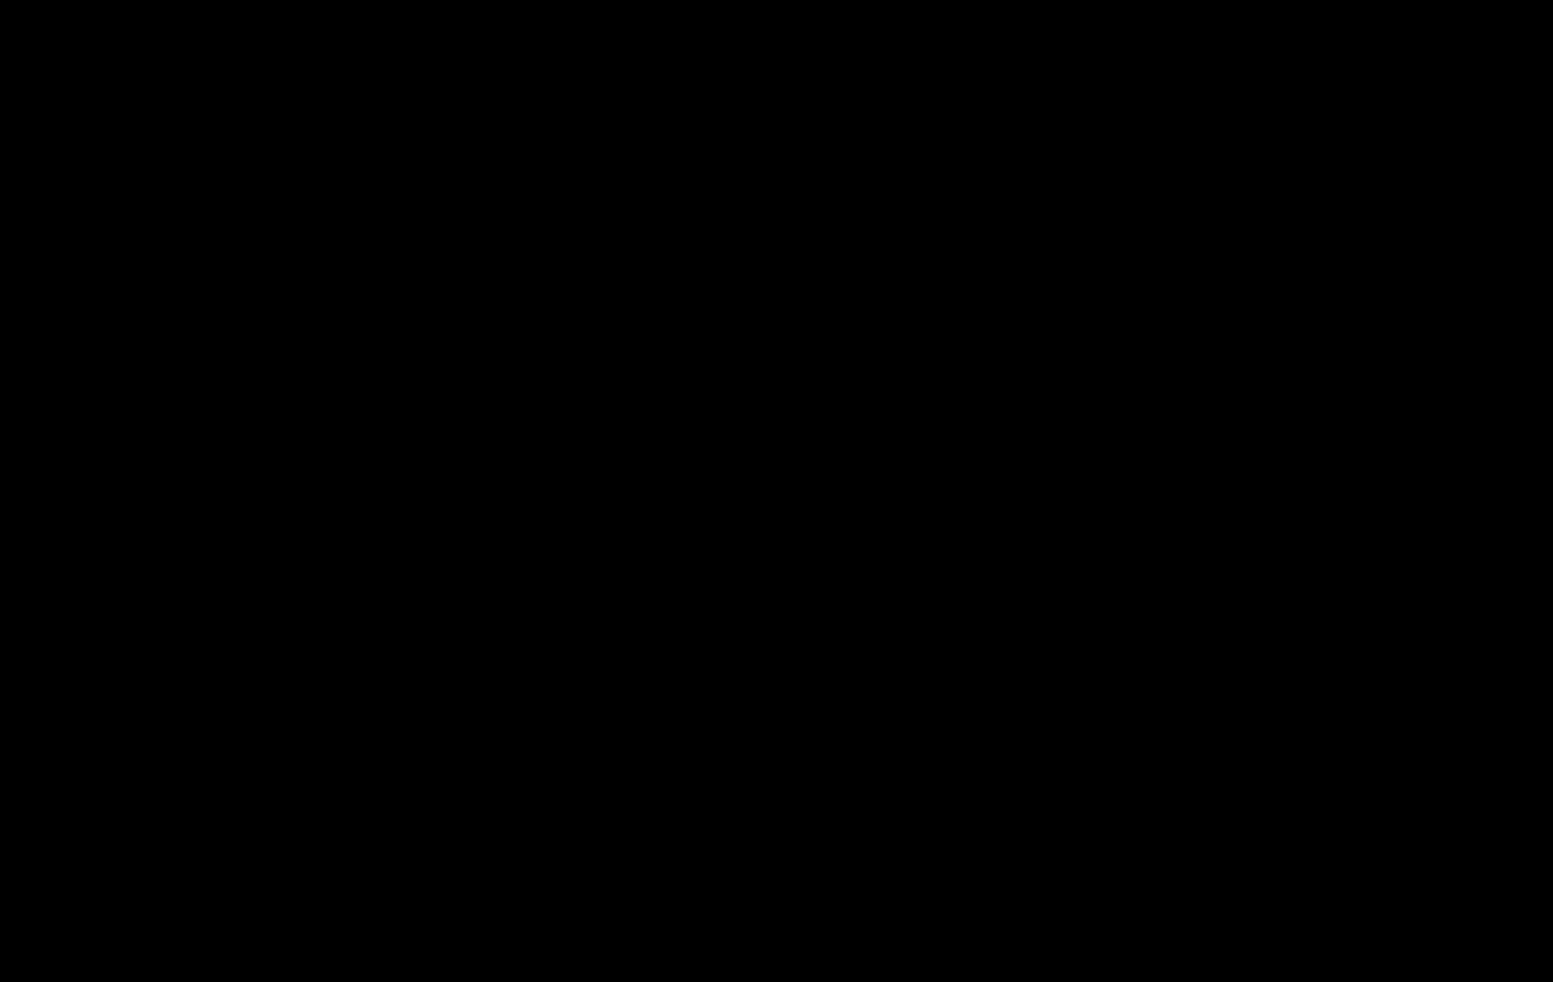 estradiol-molecula-grafico